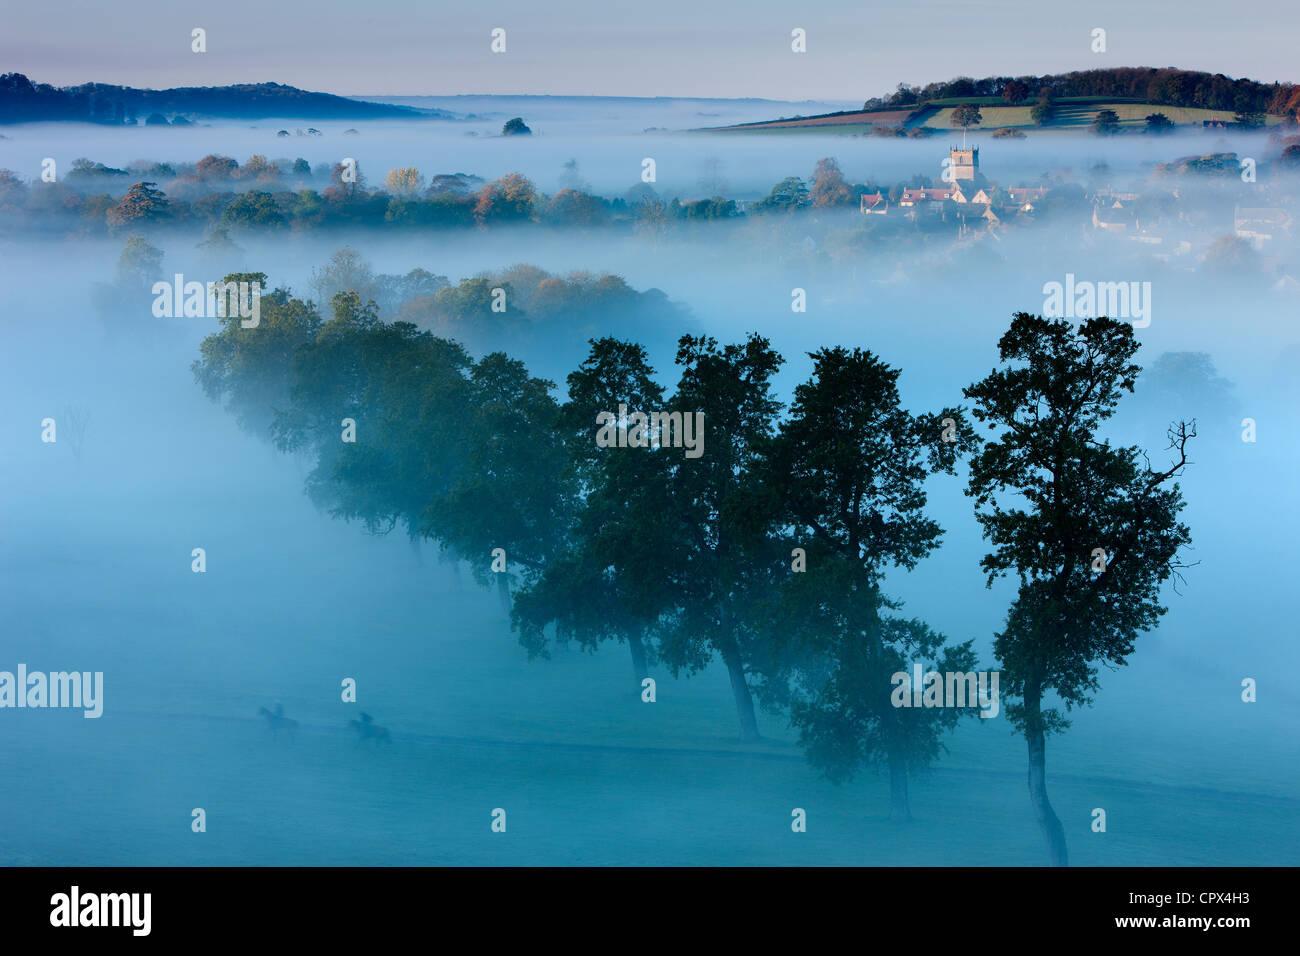 Un matin d'automne brumeux, Milborne Port, sur la frontière du Dorset/Somerset, England UK Photo Stock